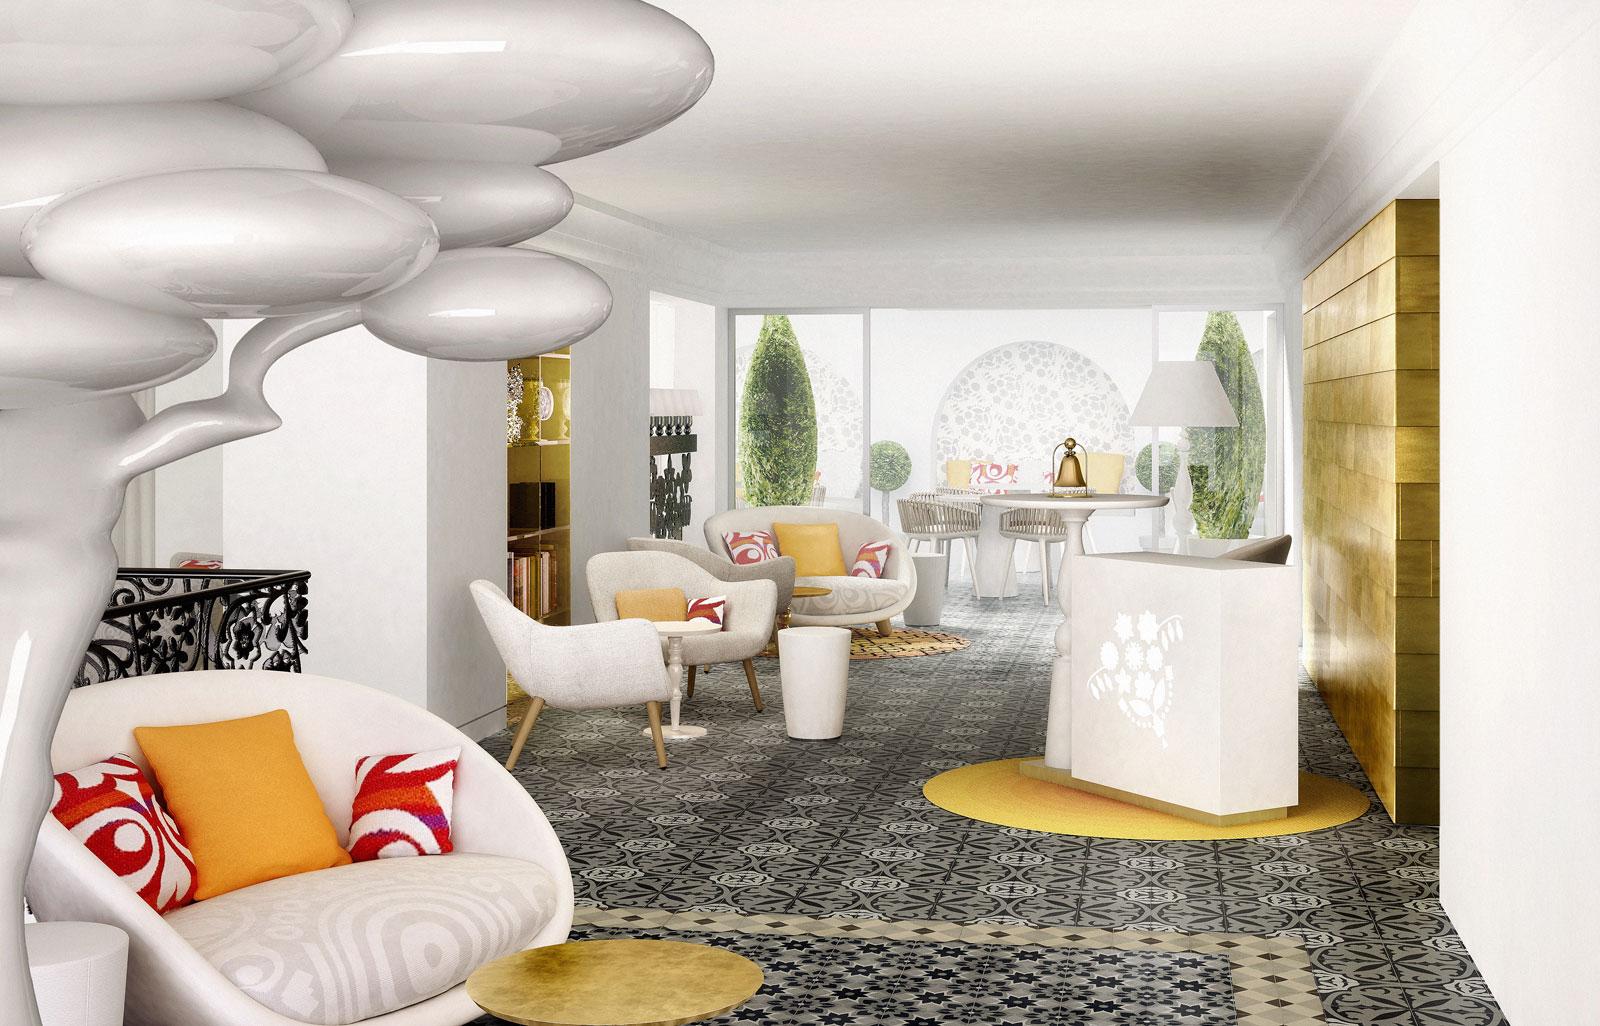 Марсель Вандерс оформил пятизвездочный отель на Майорке   галерея [1] фото [6]